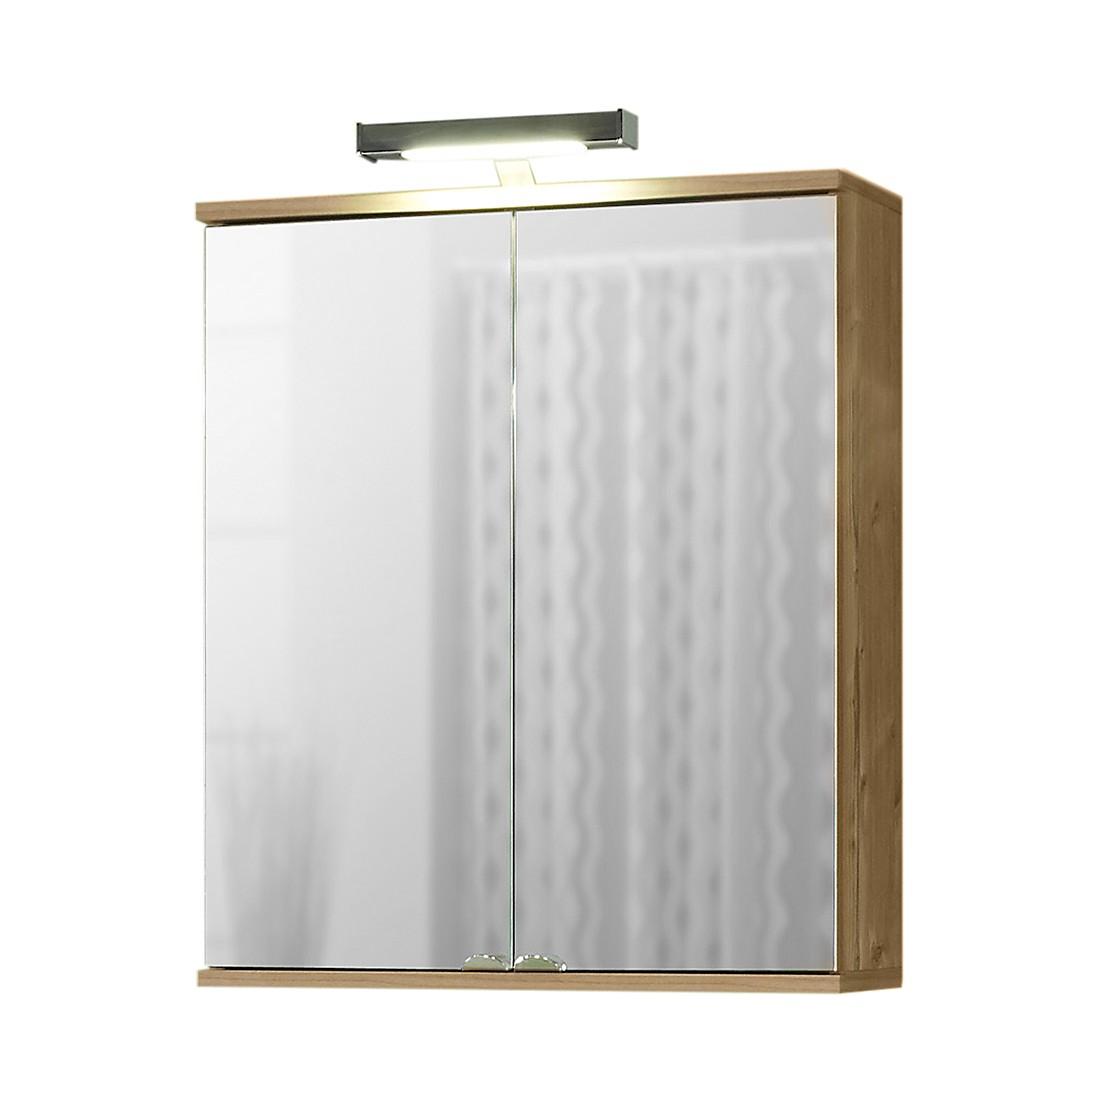 energia A+, Armadietto a specchio Welnezz - Inclusivo di illuminazione LED- Color abete argentato, Schildmeyer